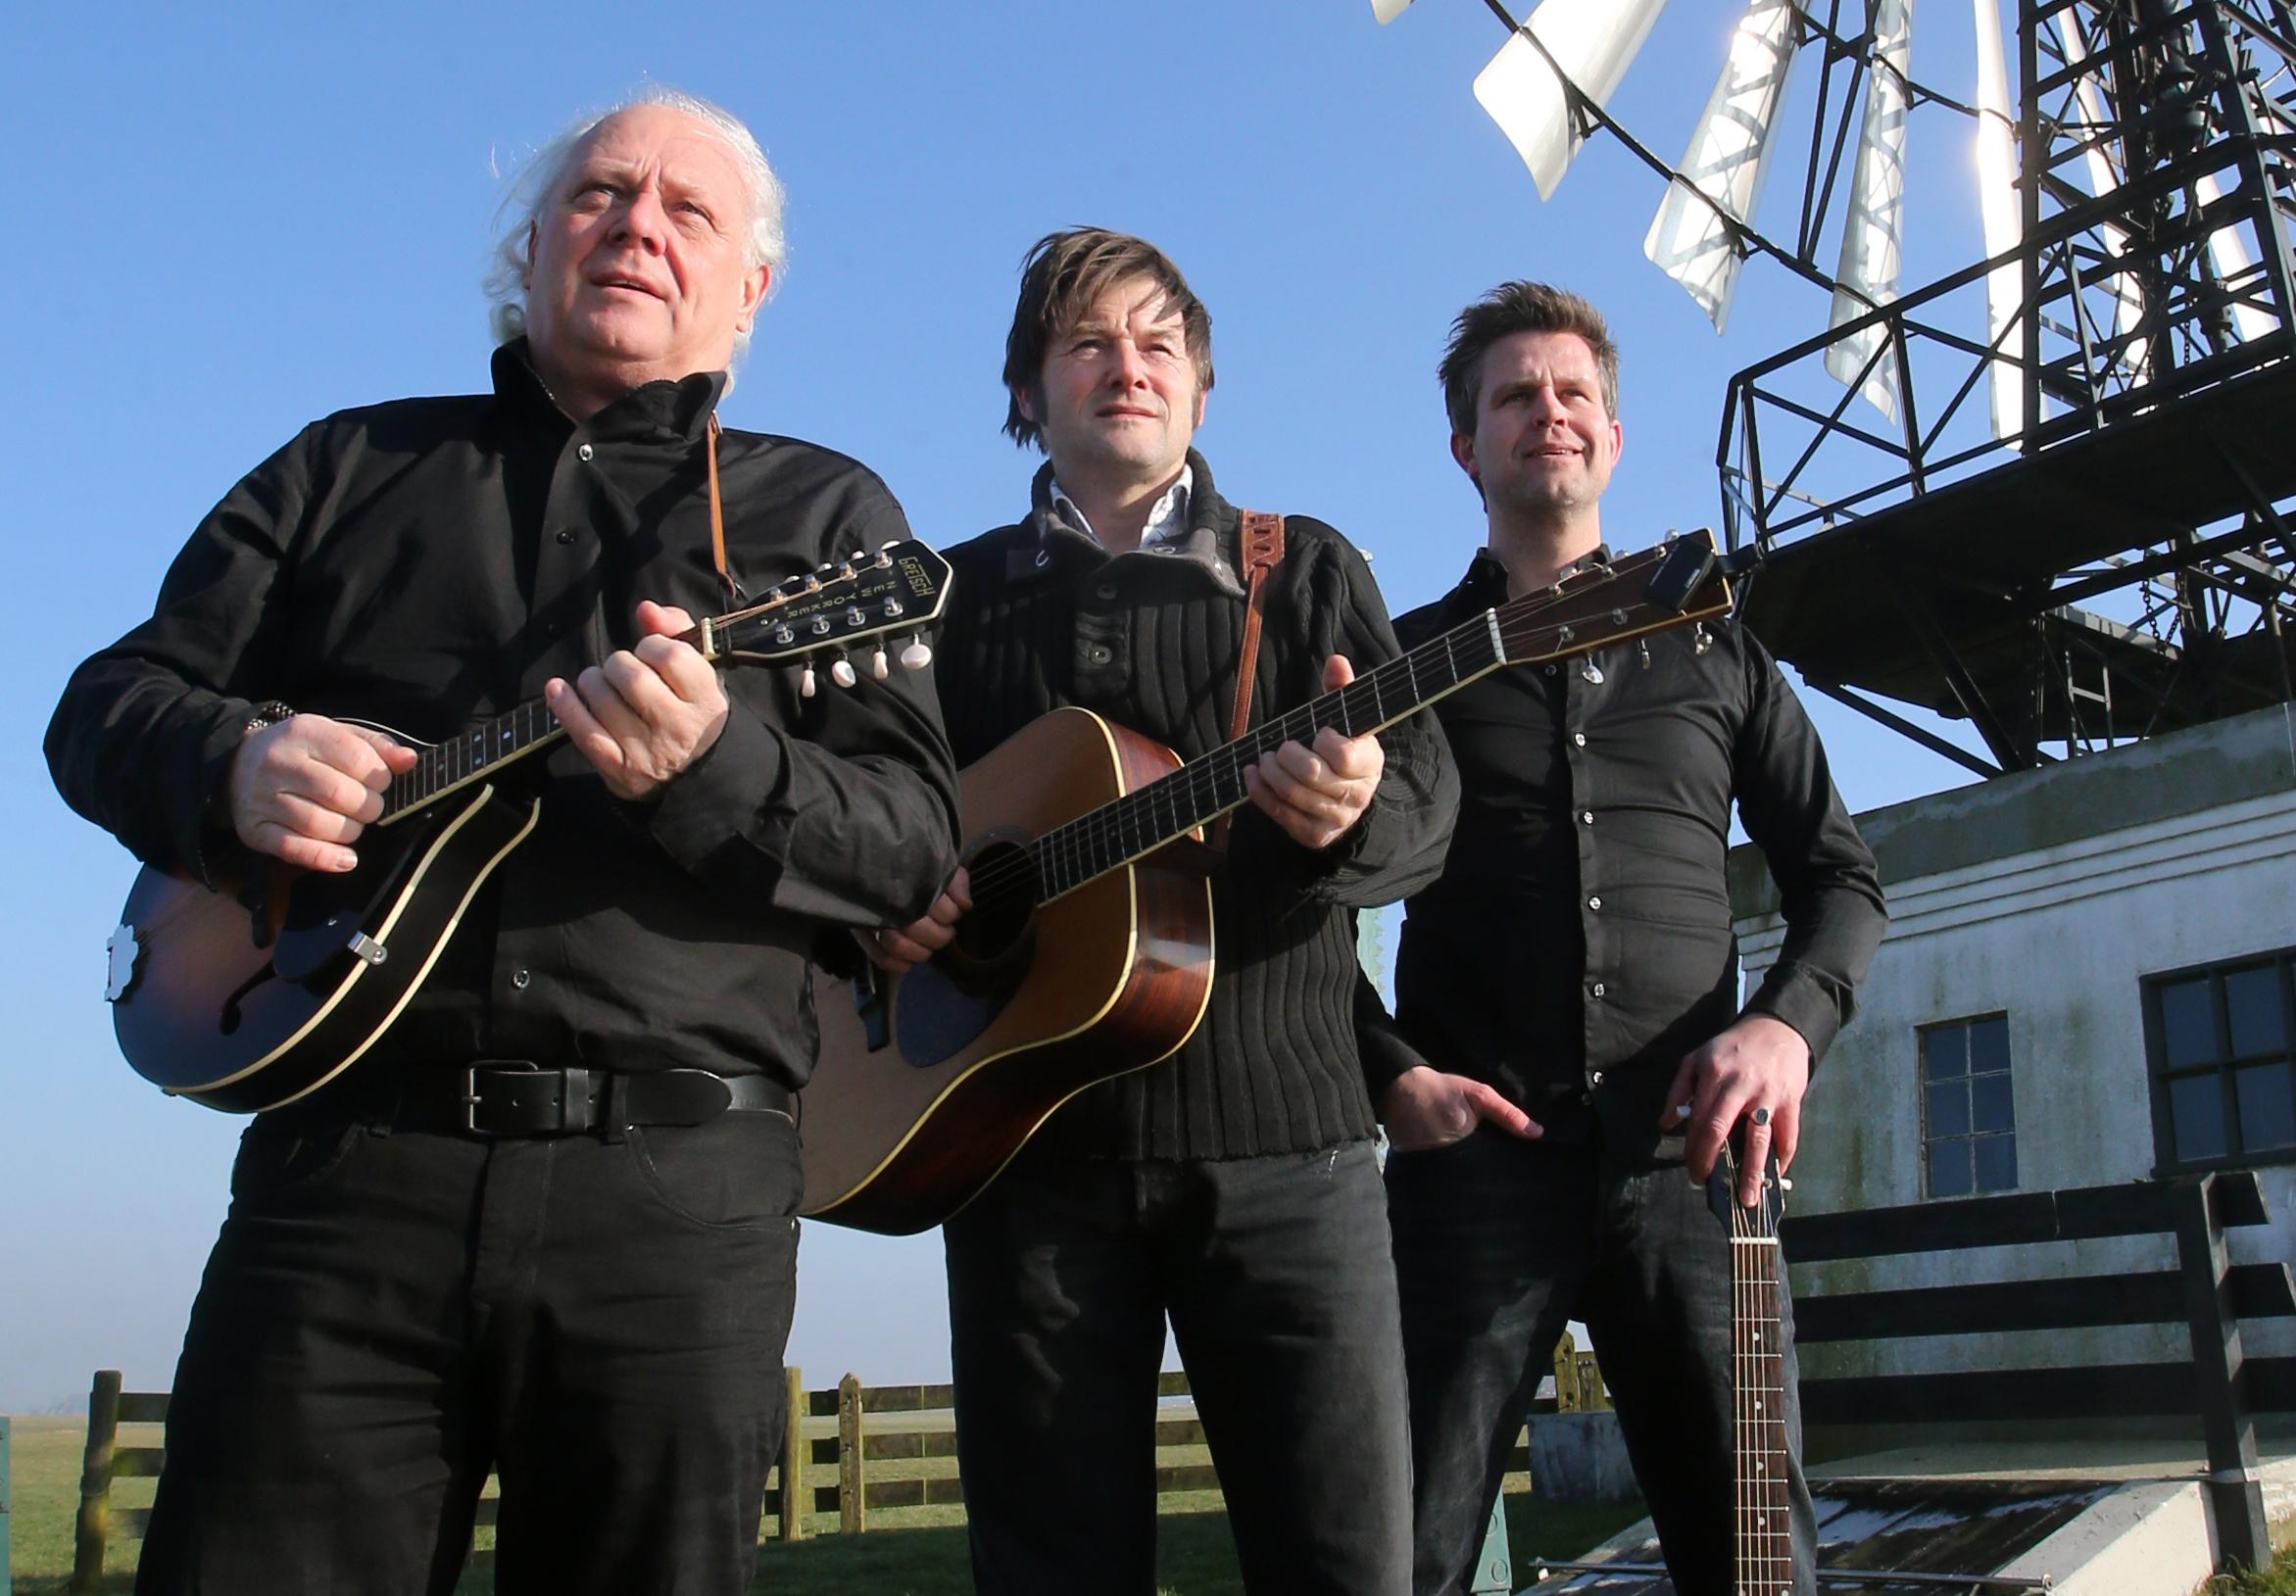 'Frisicana' met Gurbe Douwstra, Marcel Smit en Piter Wilkens